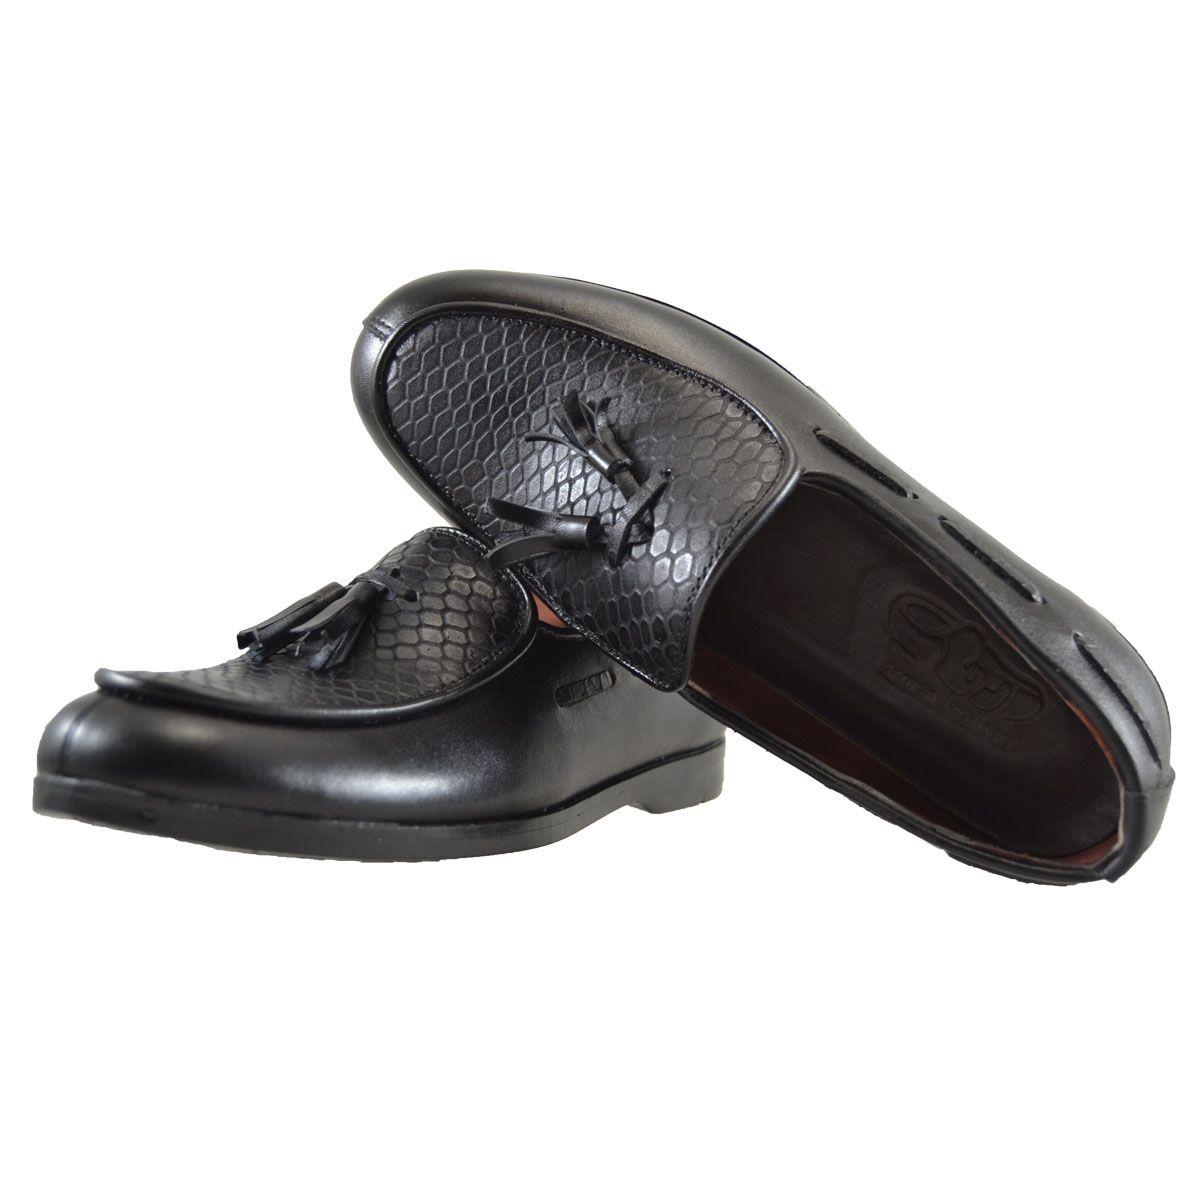 کفش روزمره مردانه کد 266 -  - 4